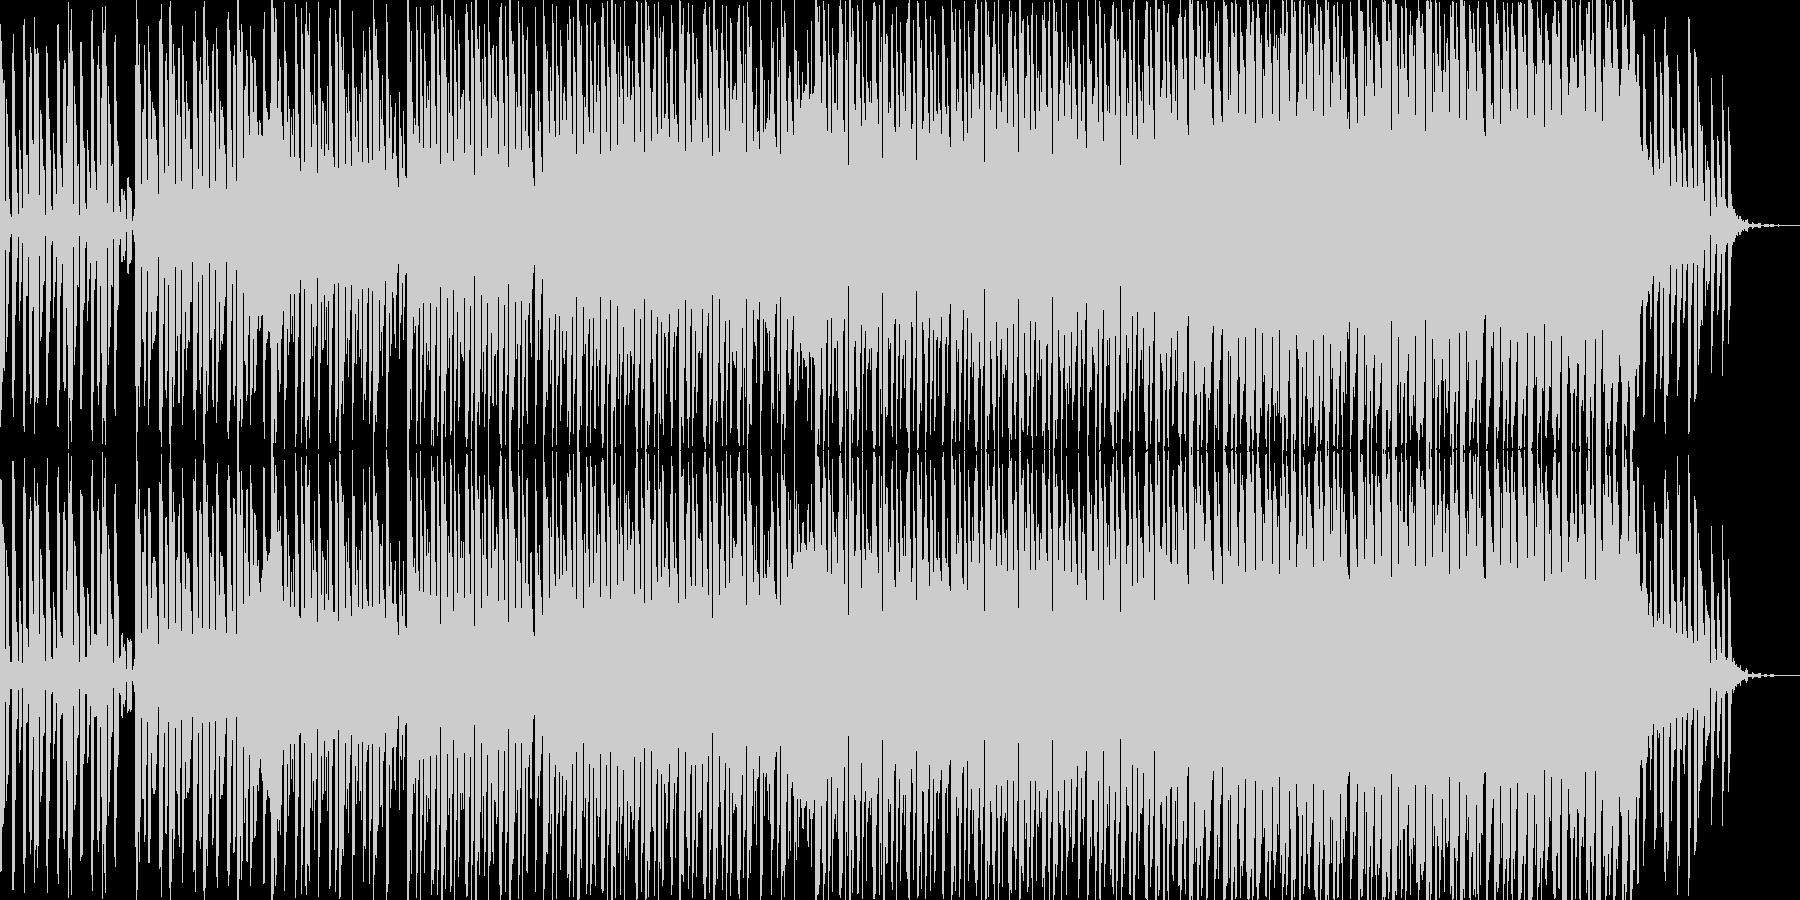 浮遊なハウスミュージックの未再生の波形